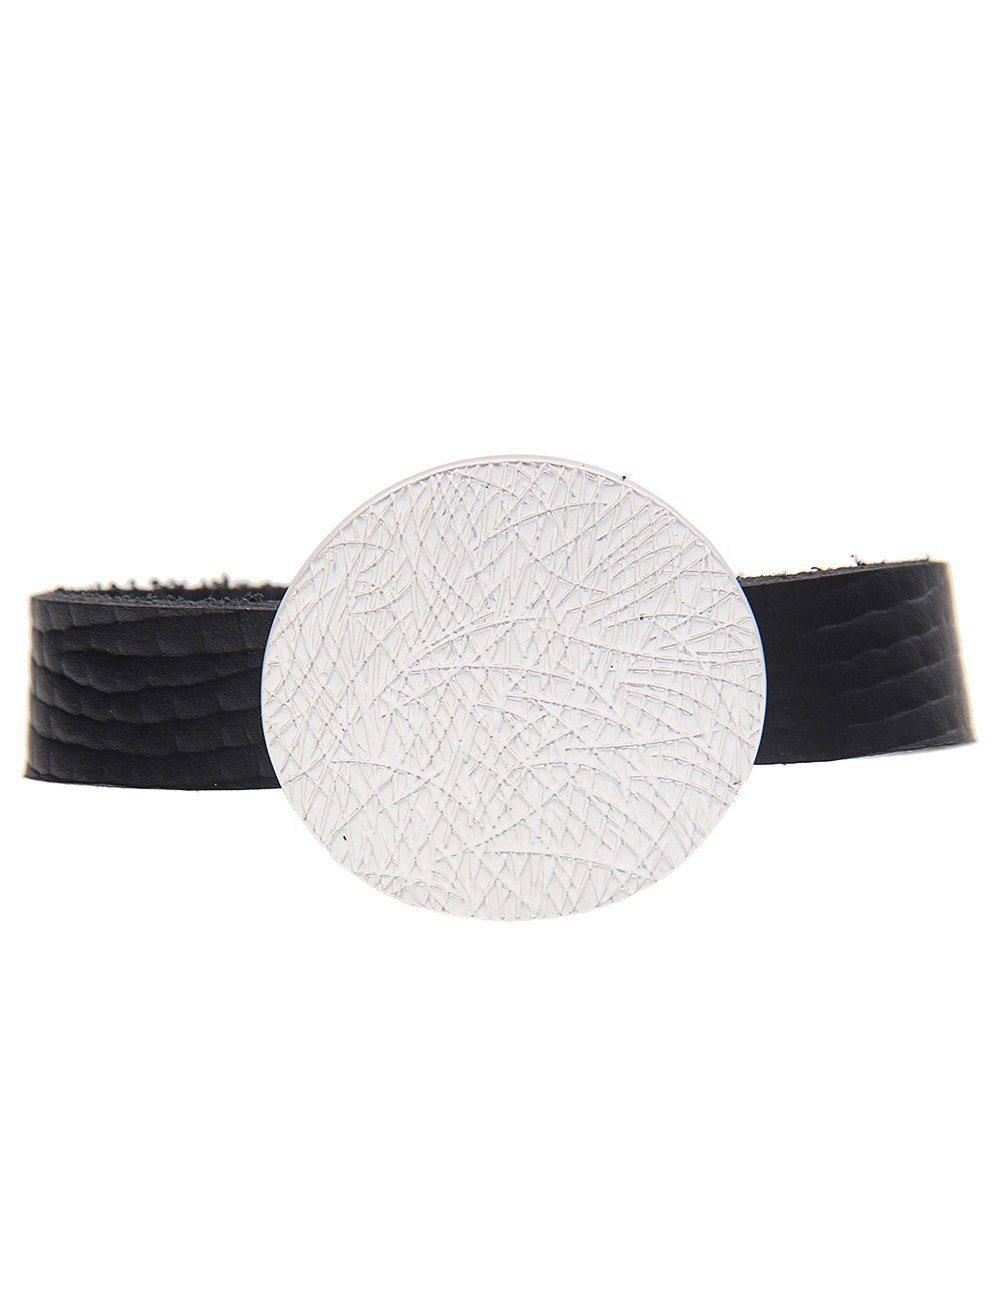 Leslii Armband mit runder Scheibe